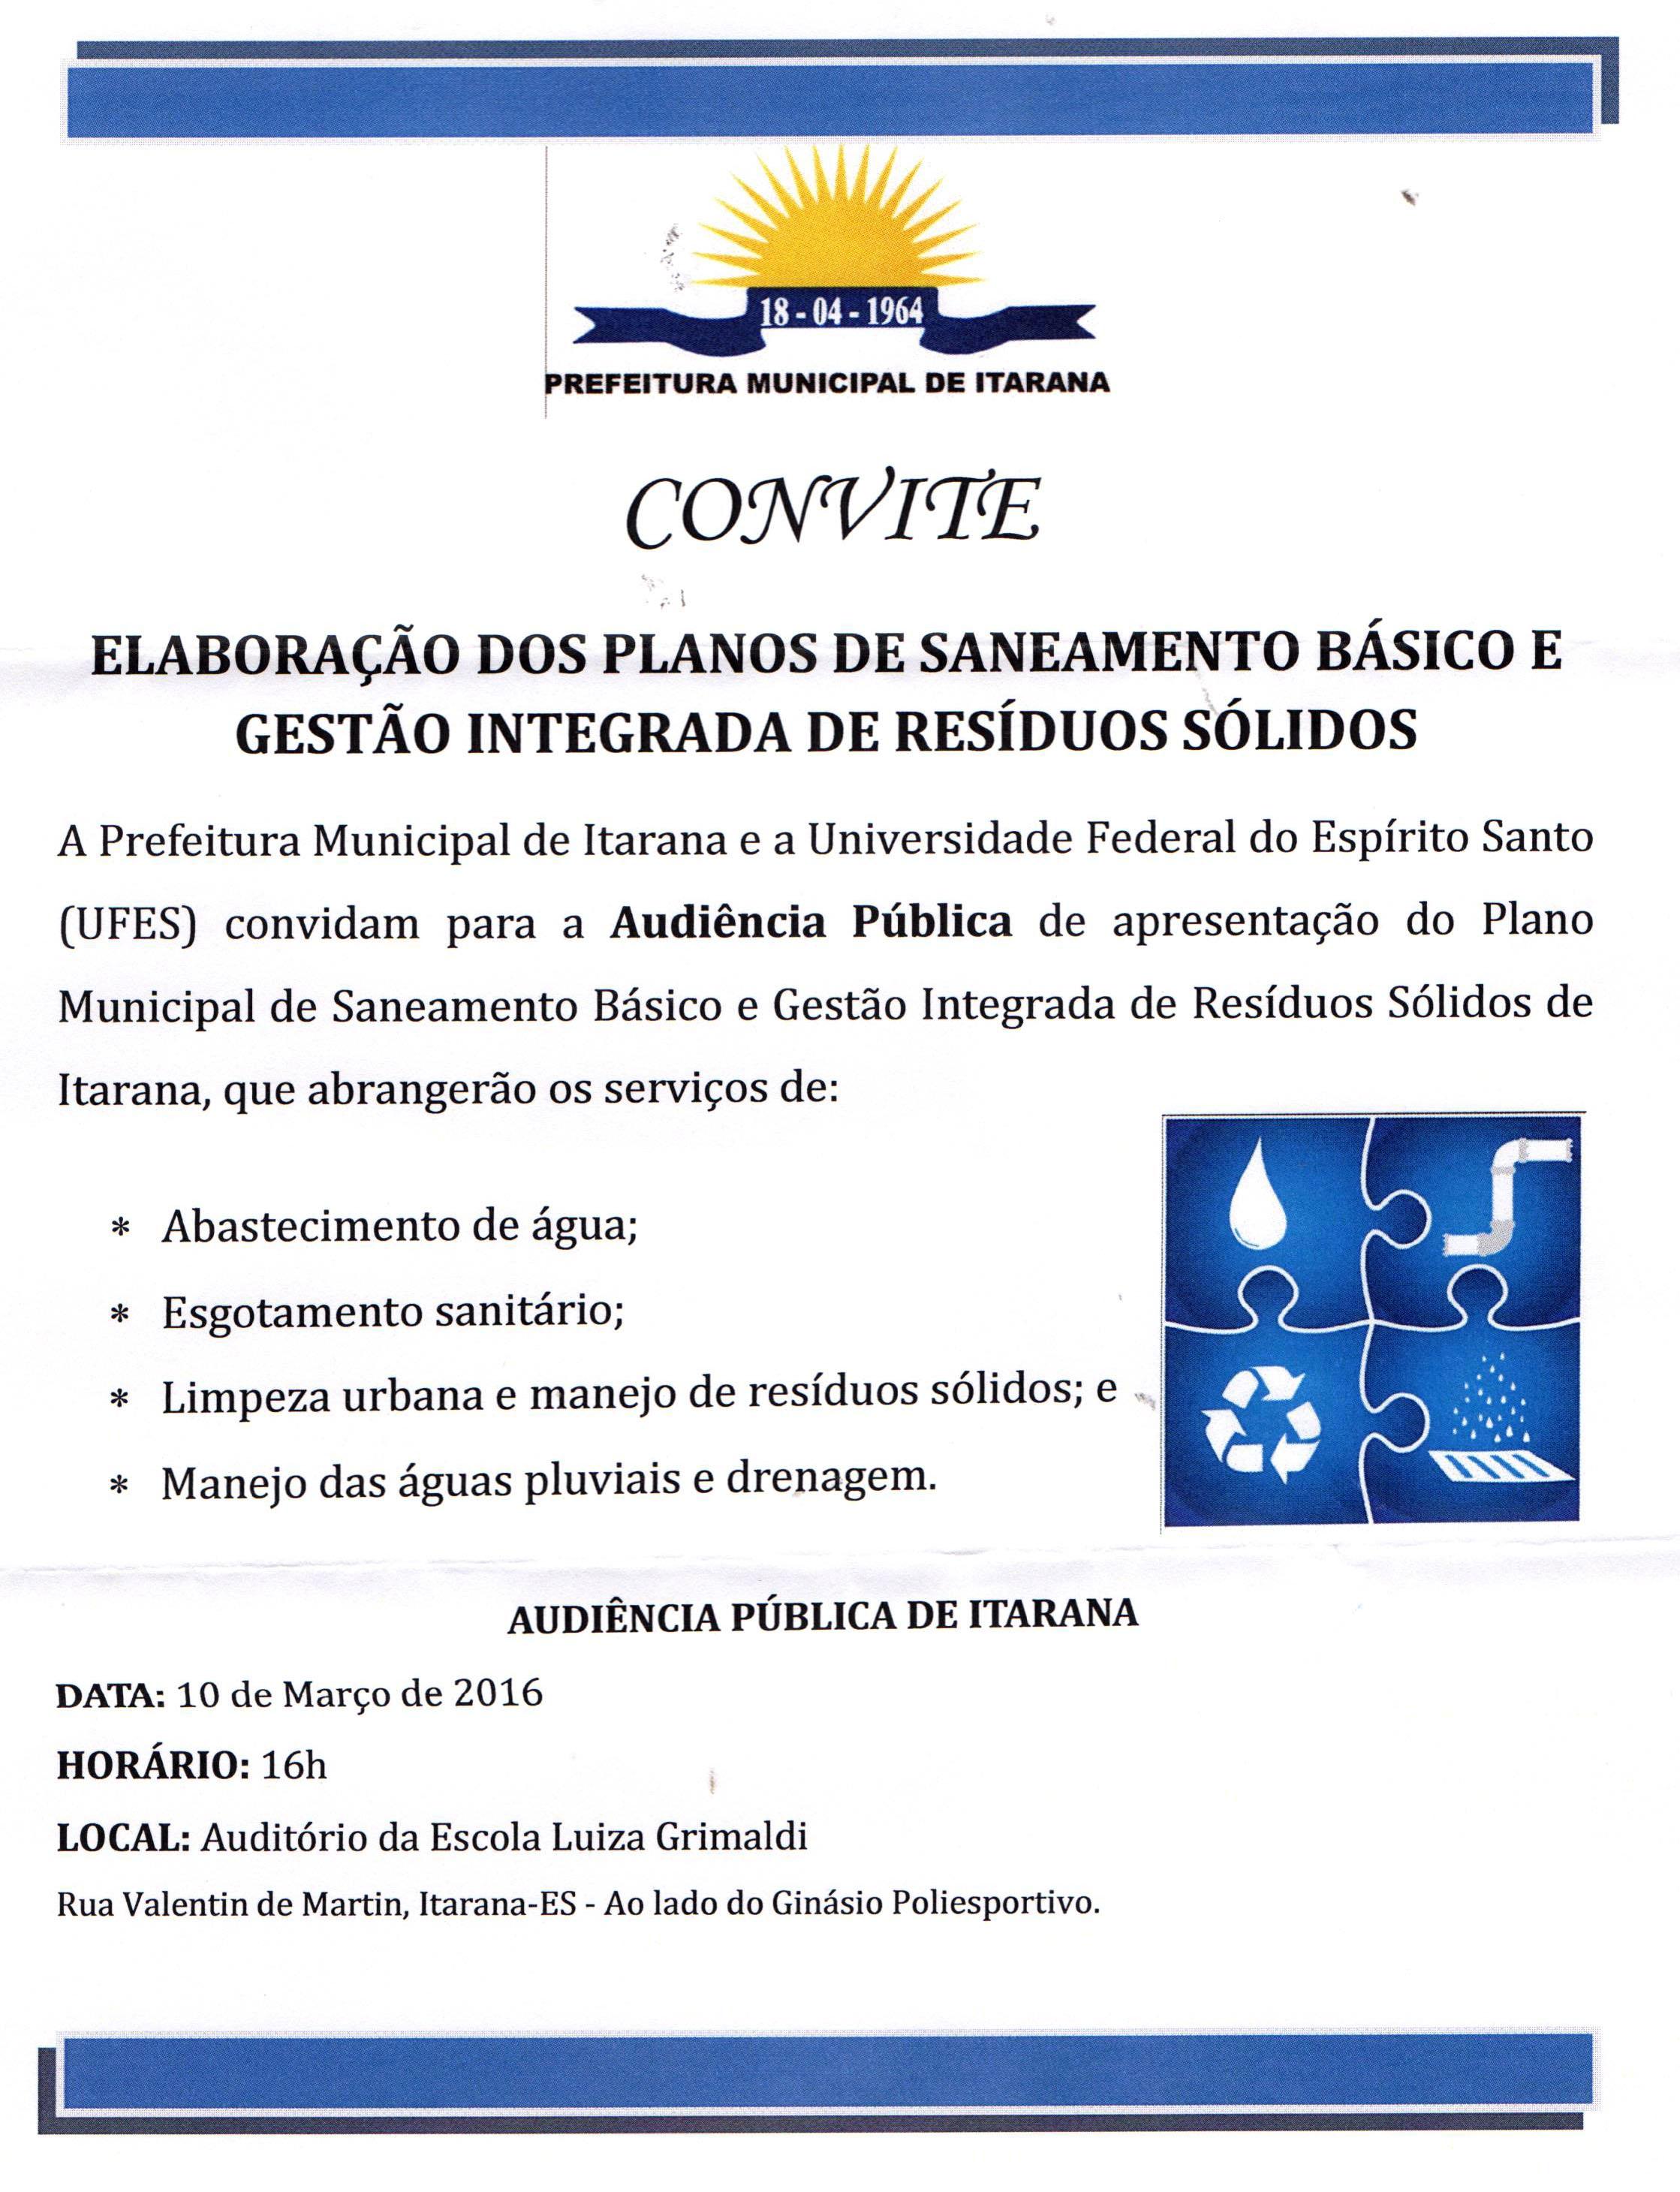 Convite: Elaboração dos Planos de Saneamento Básico e Gestão Integrada de Resíduos Sólidos